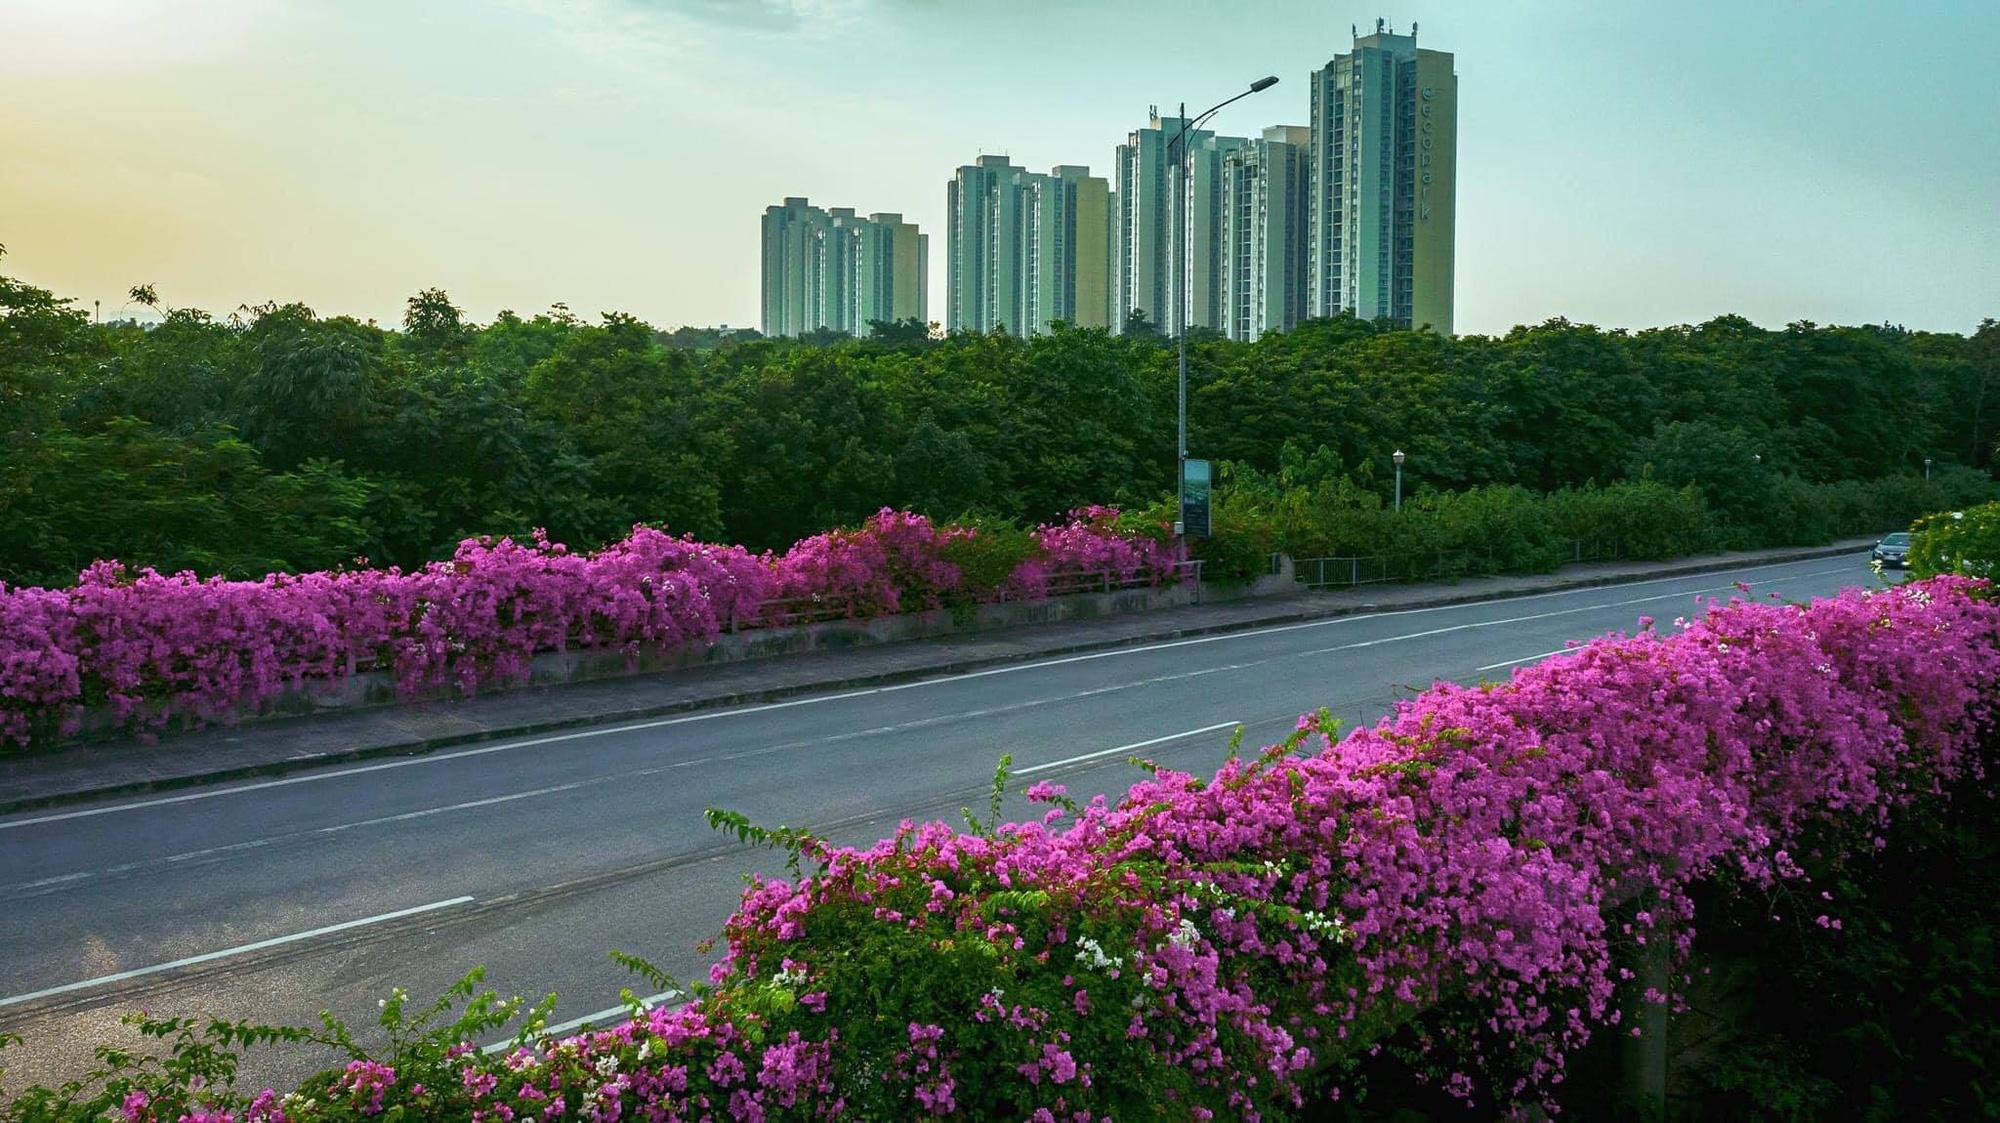 """Giới trẻ hào hứng """"check-in"""" con đường hoa giấy đẹp nhất Hà Nội - Ảnh 2."""